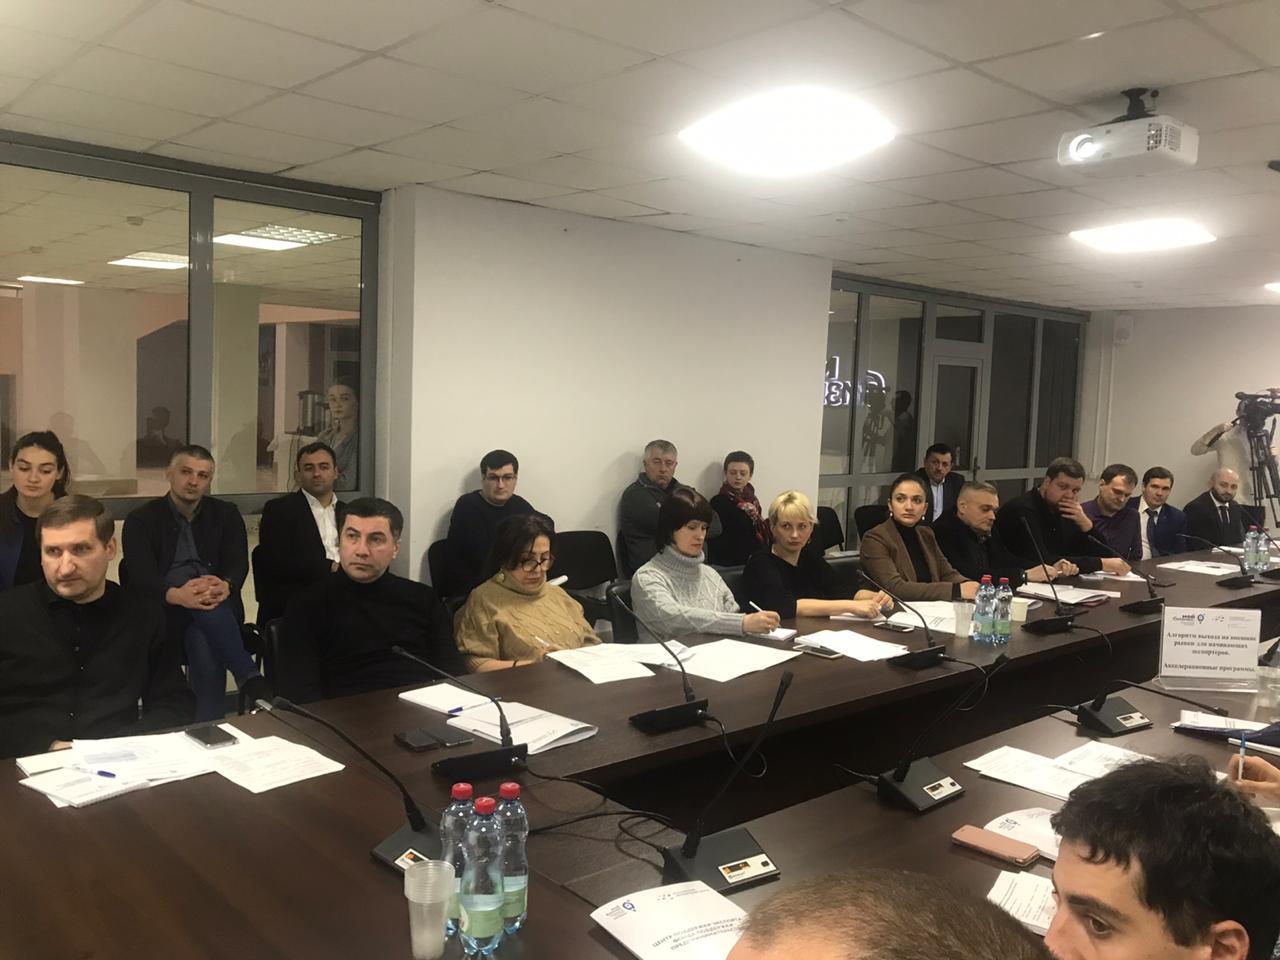 13 декабря Центром поддержки экспорта Фонда поддержки предпринимательства организован и проведен круглый стол на тему «Алгоритм выхода на внешние рынки для начинающих экспортеров. Акселерационные программы»